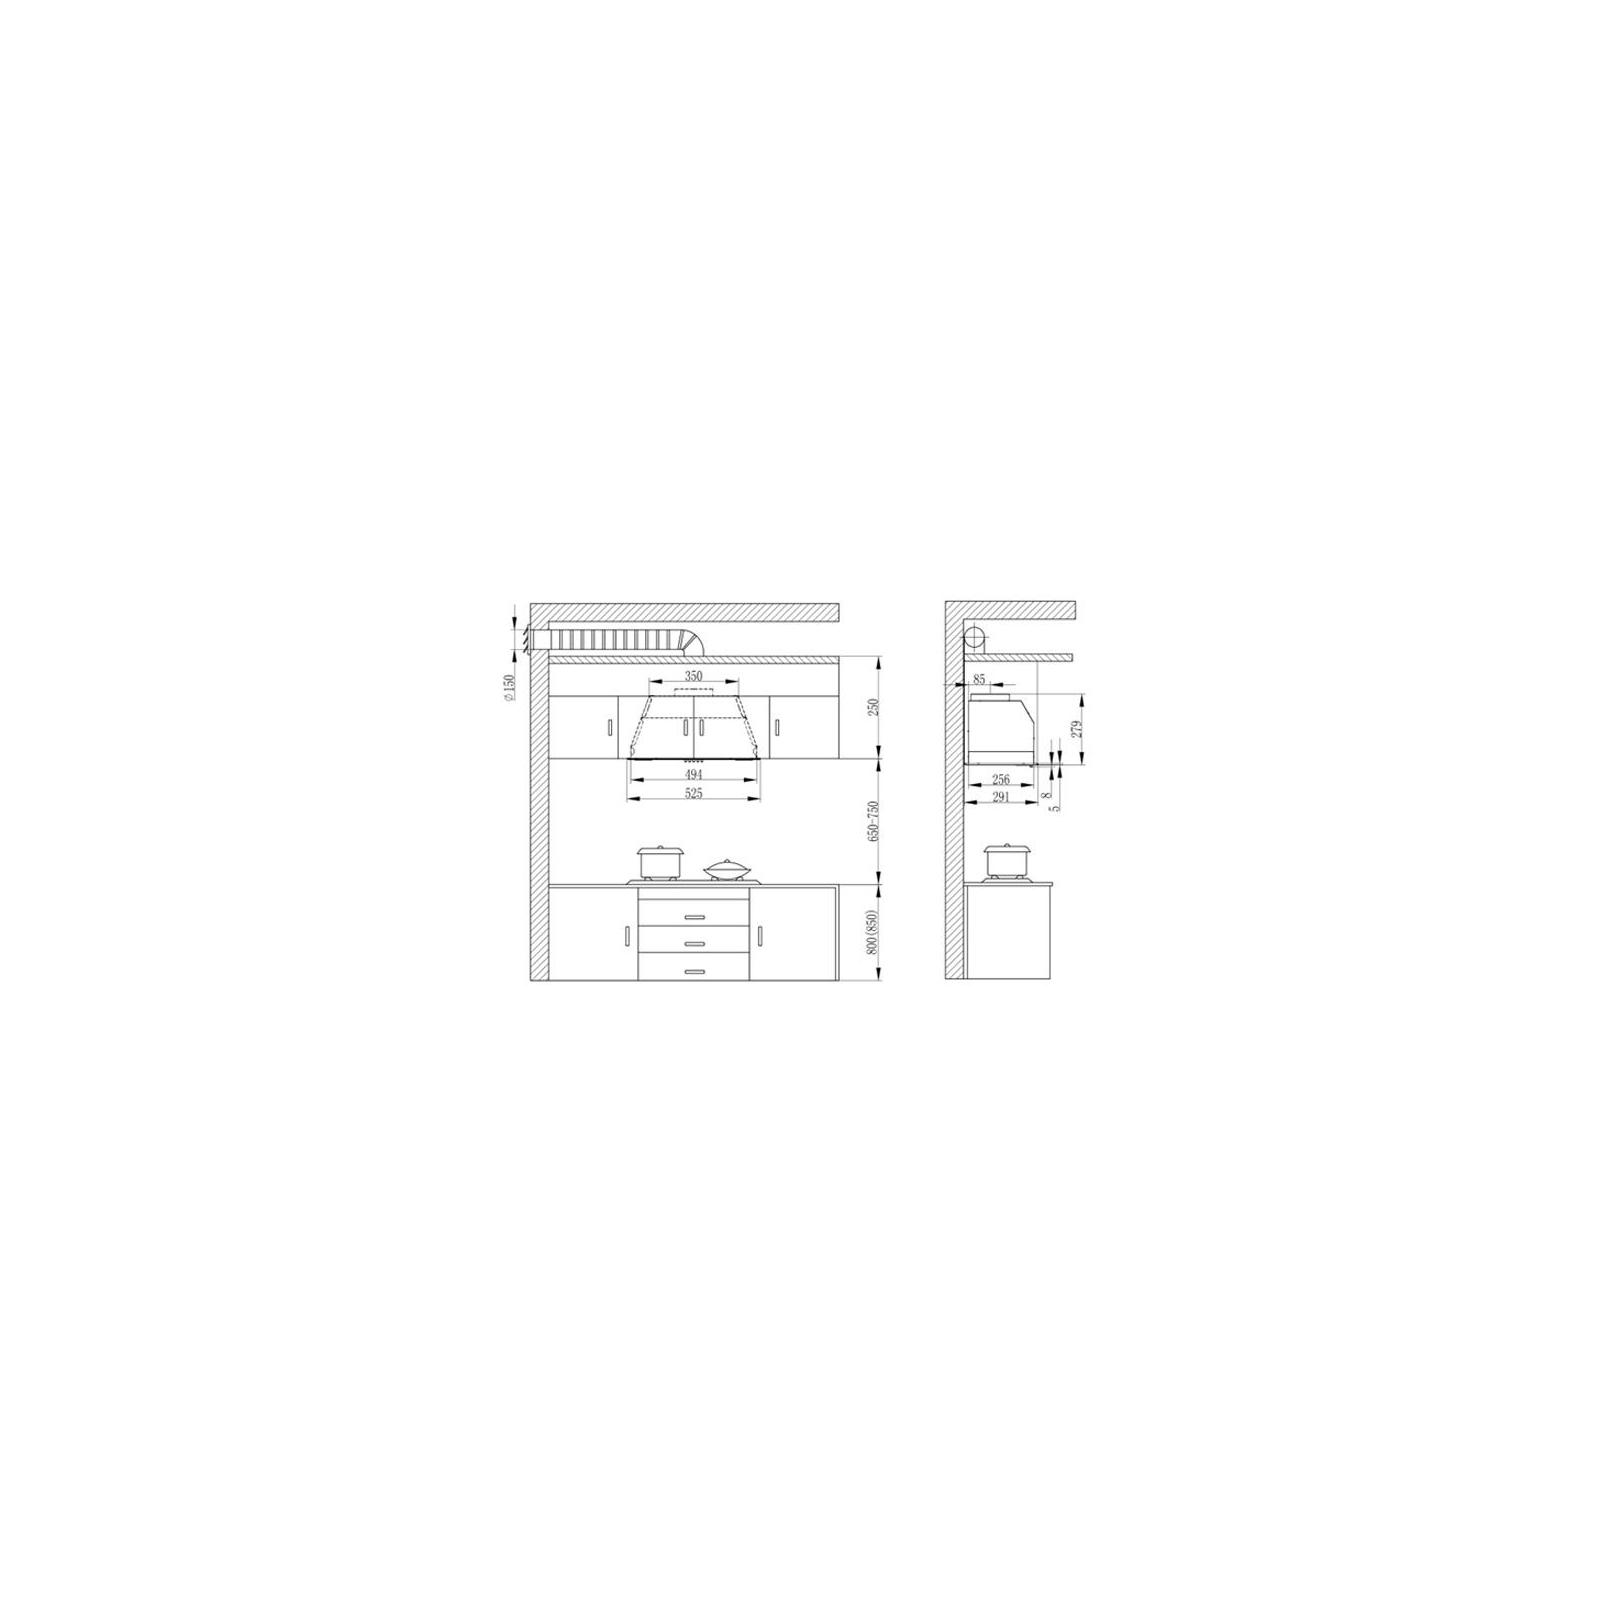 Вытяжка кухонная INTERLINE SMART BK A/60/T изображение 7